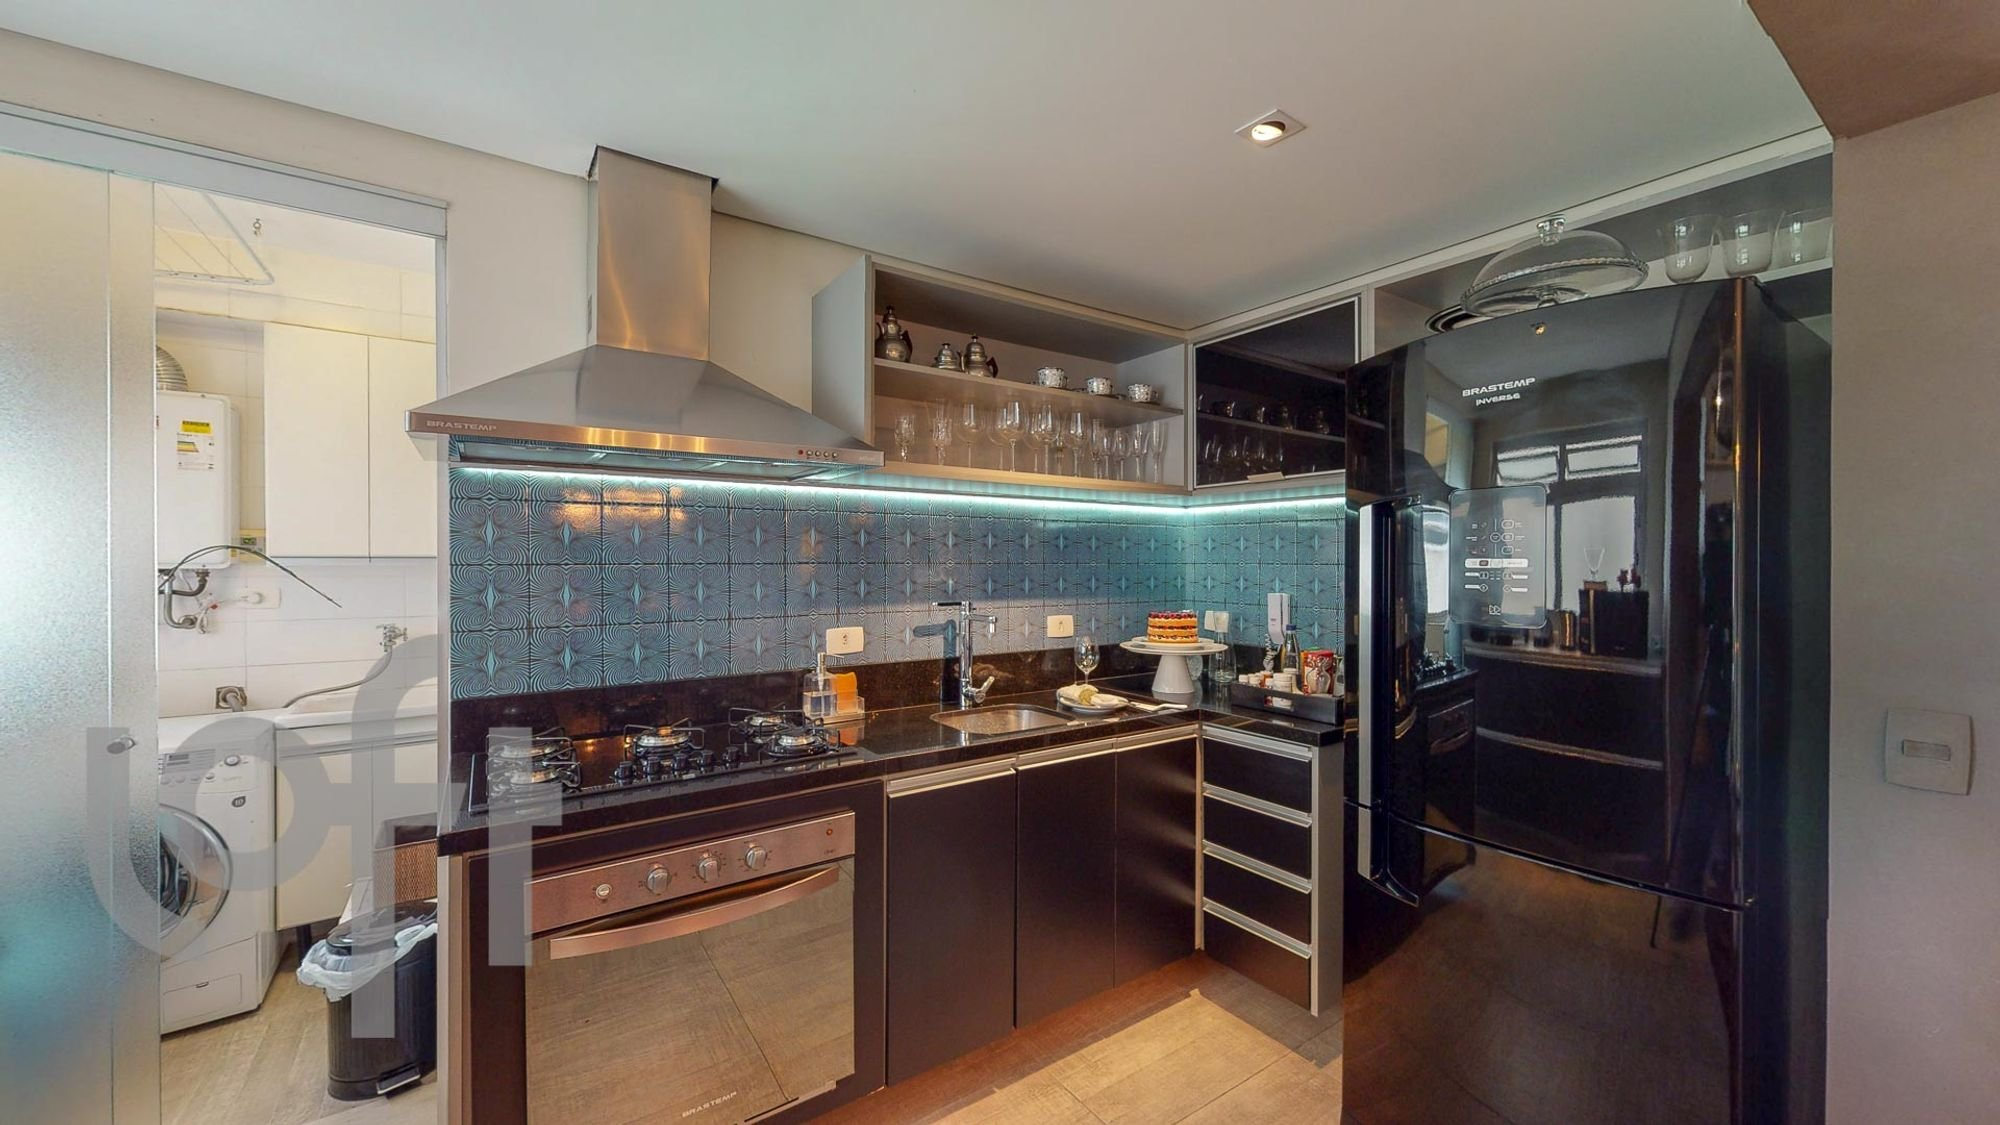 Foto de Cozinha com forno, pia, garrafa